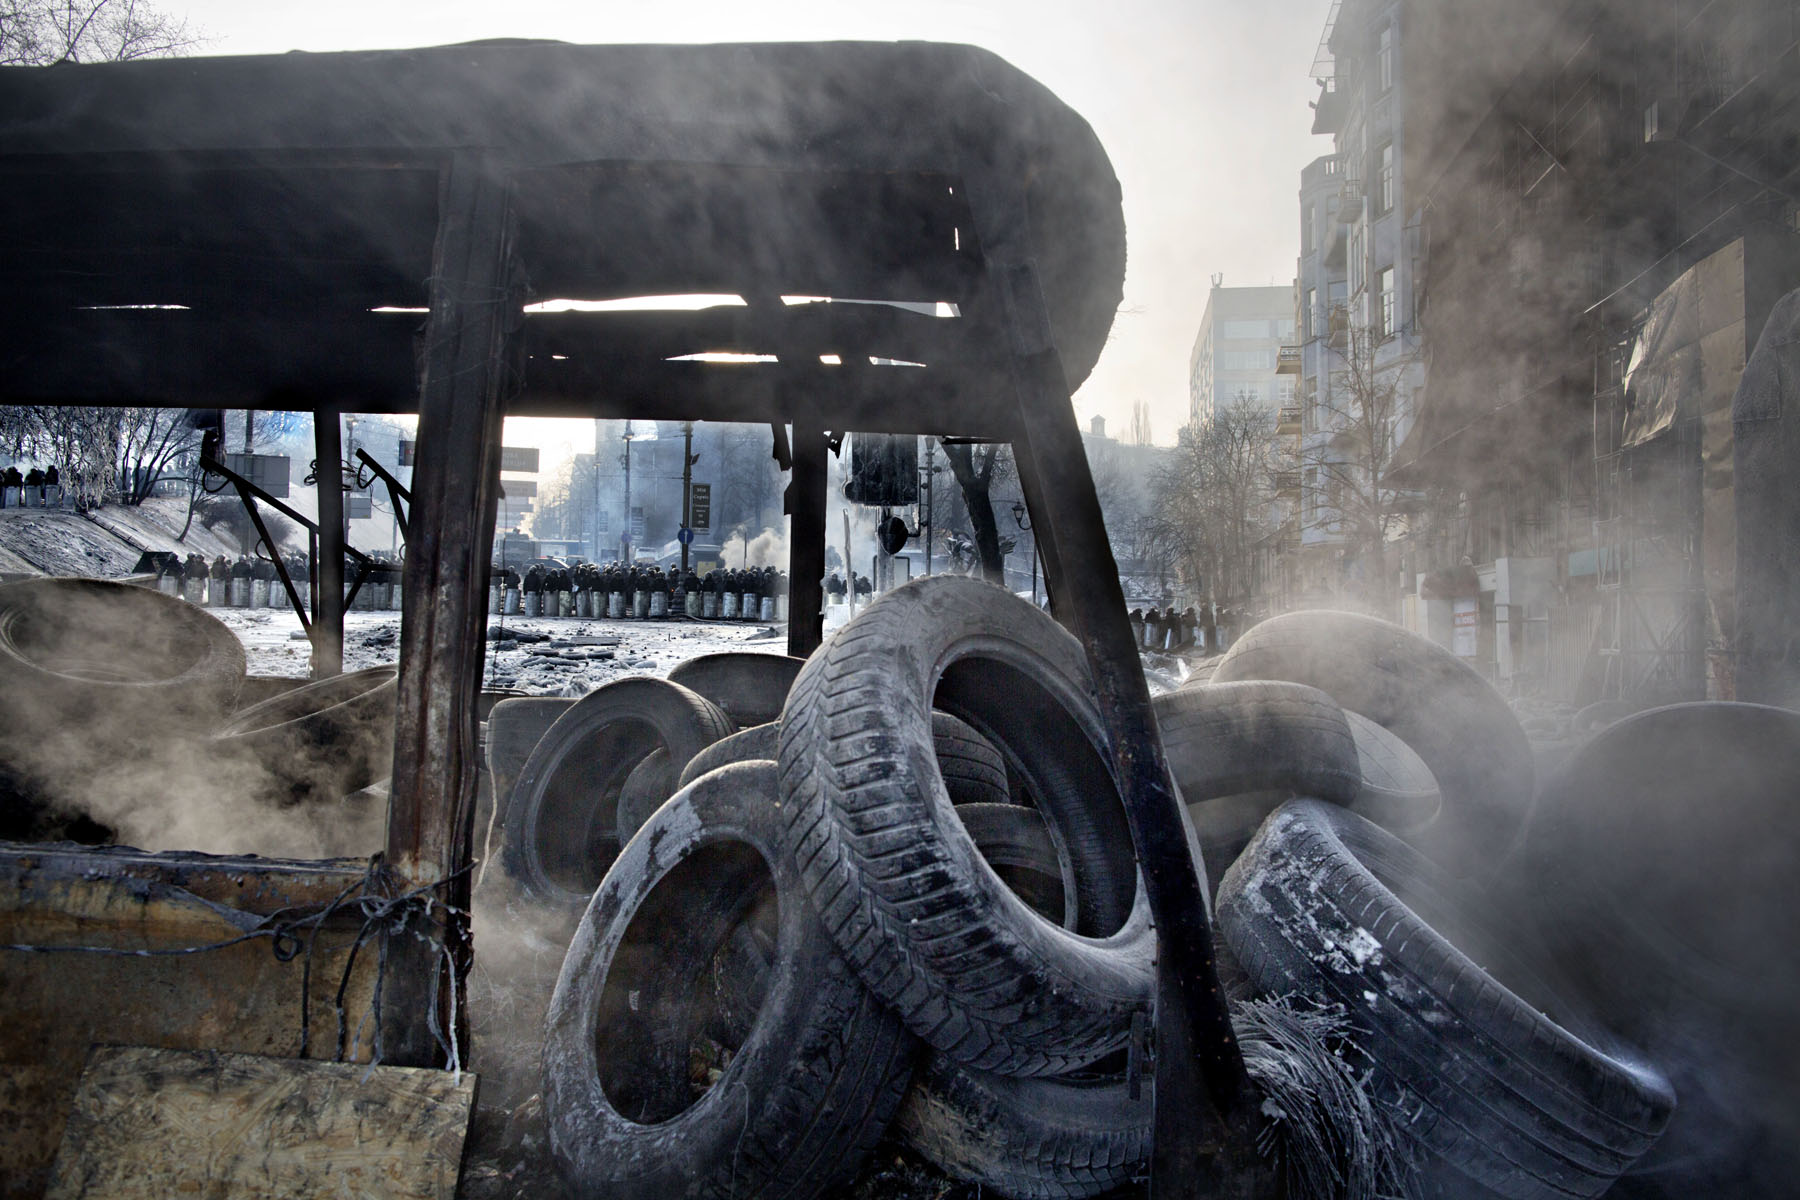 espen_rasmussen_ukraine_unrest_10.jpg